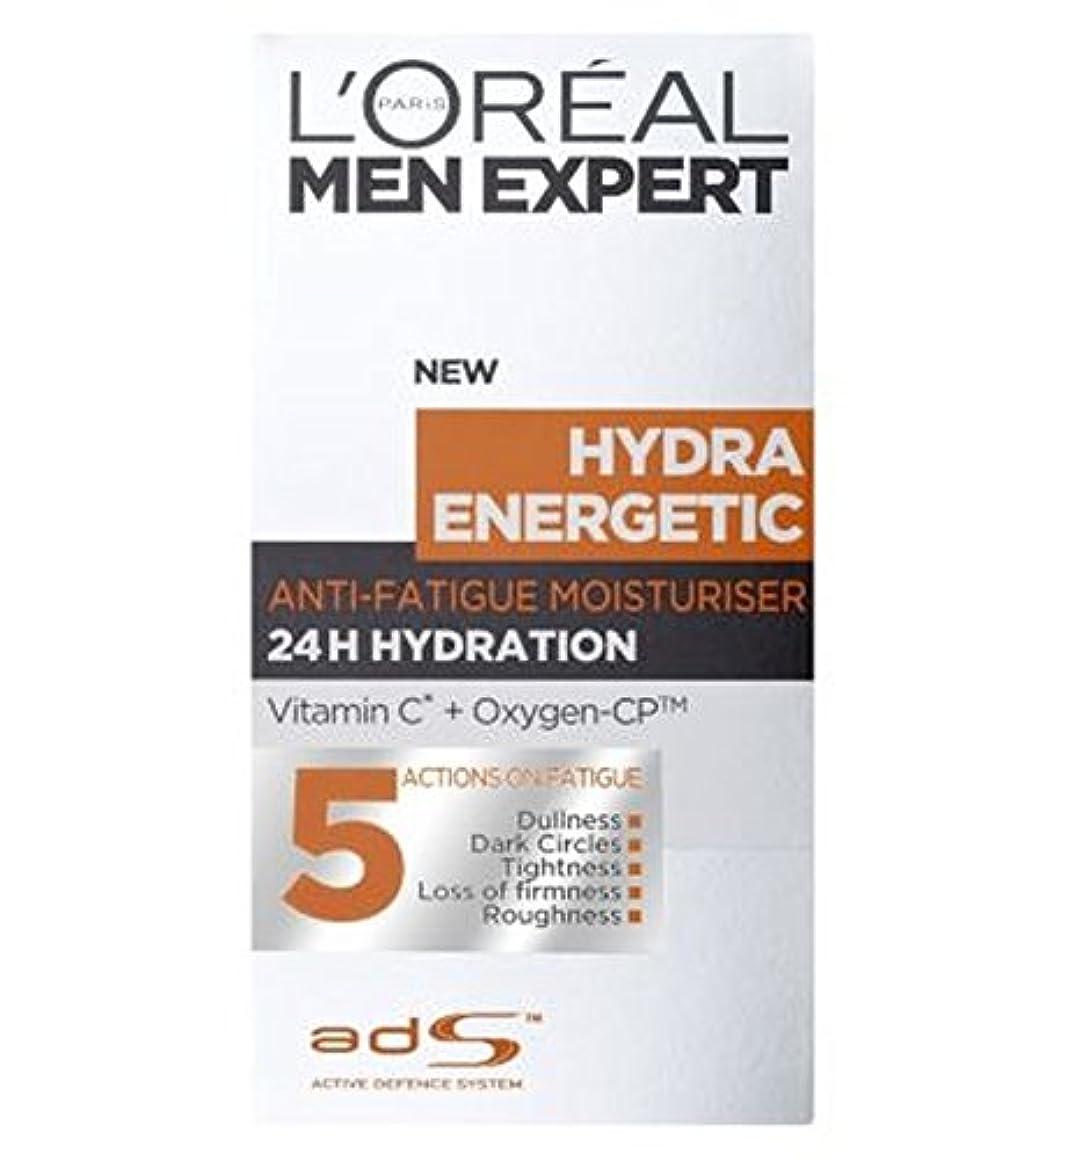 アンタゴニスト報復賞賛L'Oreal Men Expert Hydra Energetic Daily Moisturiser 50ml - ロレアルの男性の専門家ヒドラエネルギッシュな毎日の保湿クリーム50Ml (L'Oreal) [並行輸入品]